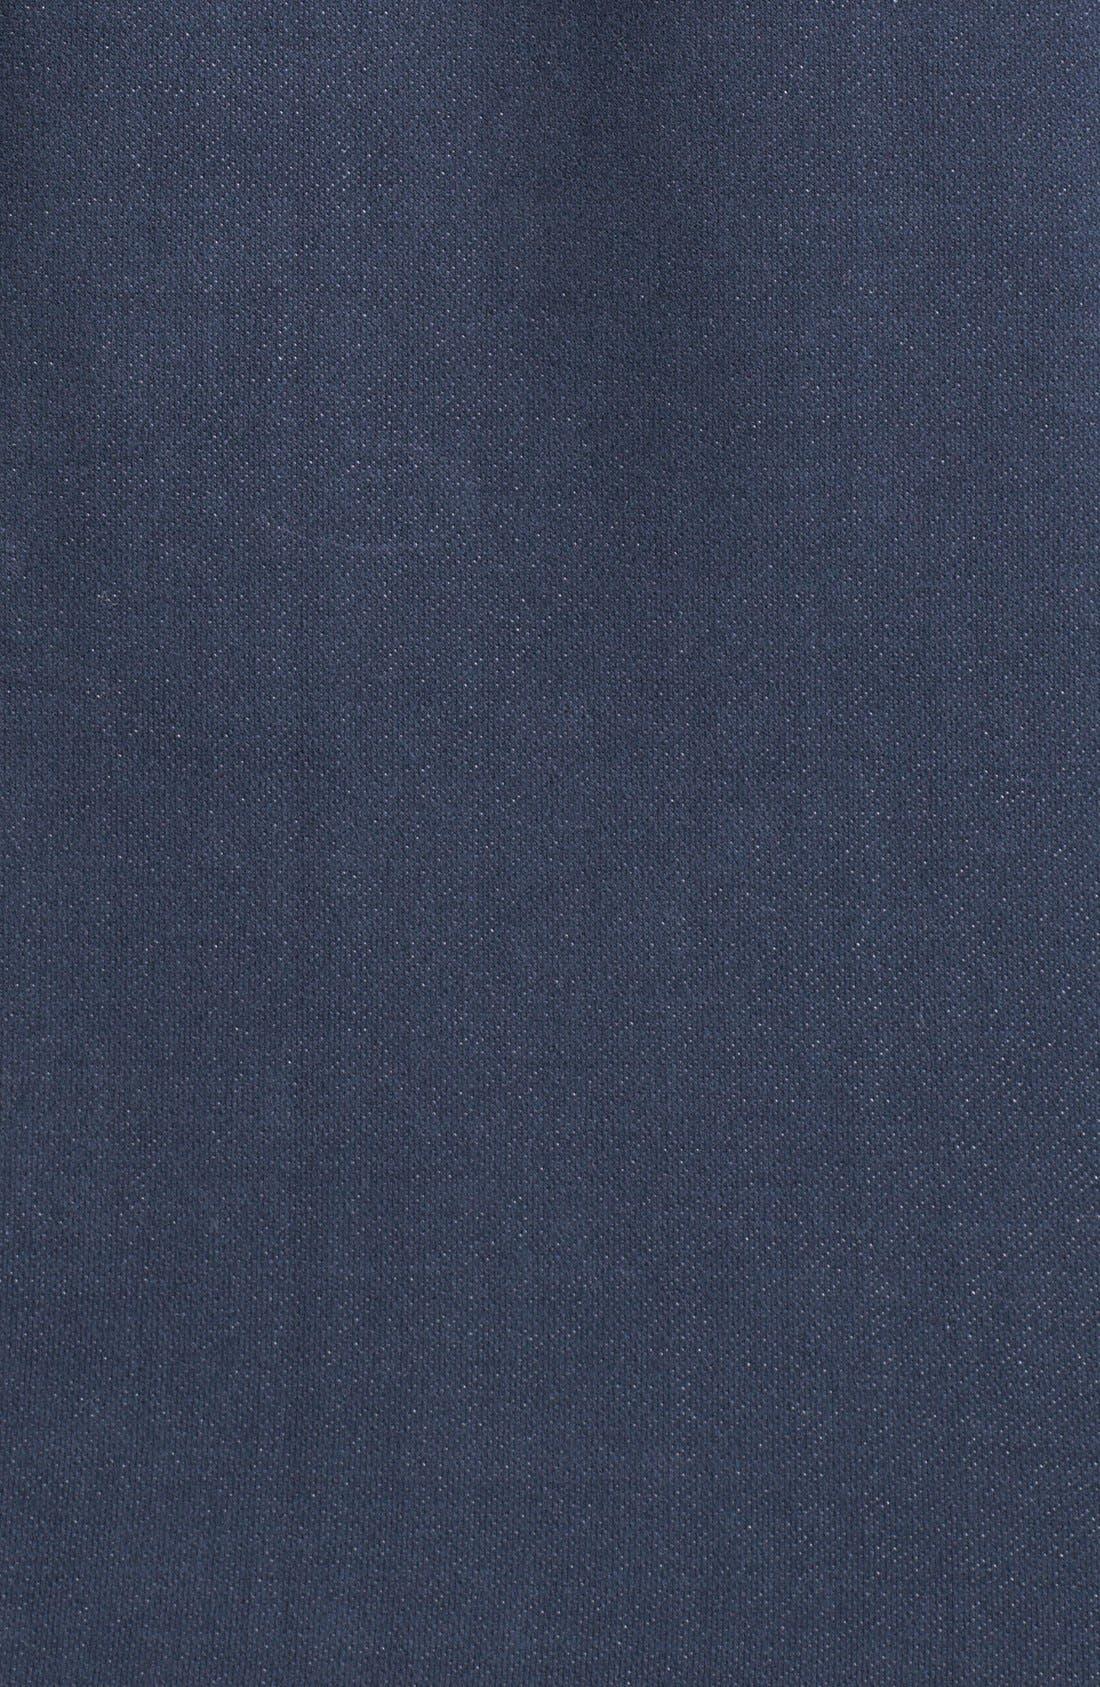 RVCA,                             'Hatcher' Varsity Jacket,                             Alternate thumbnail 3, color,                             405